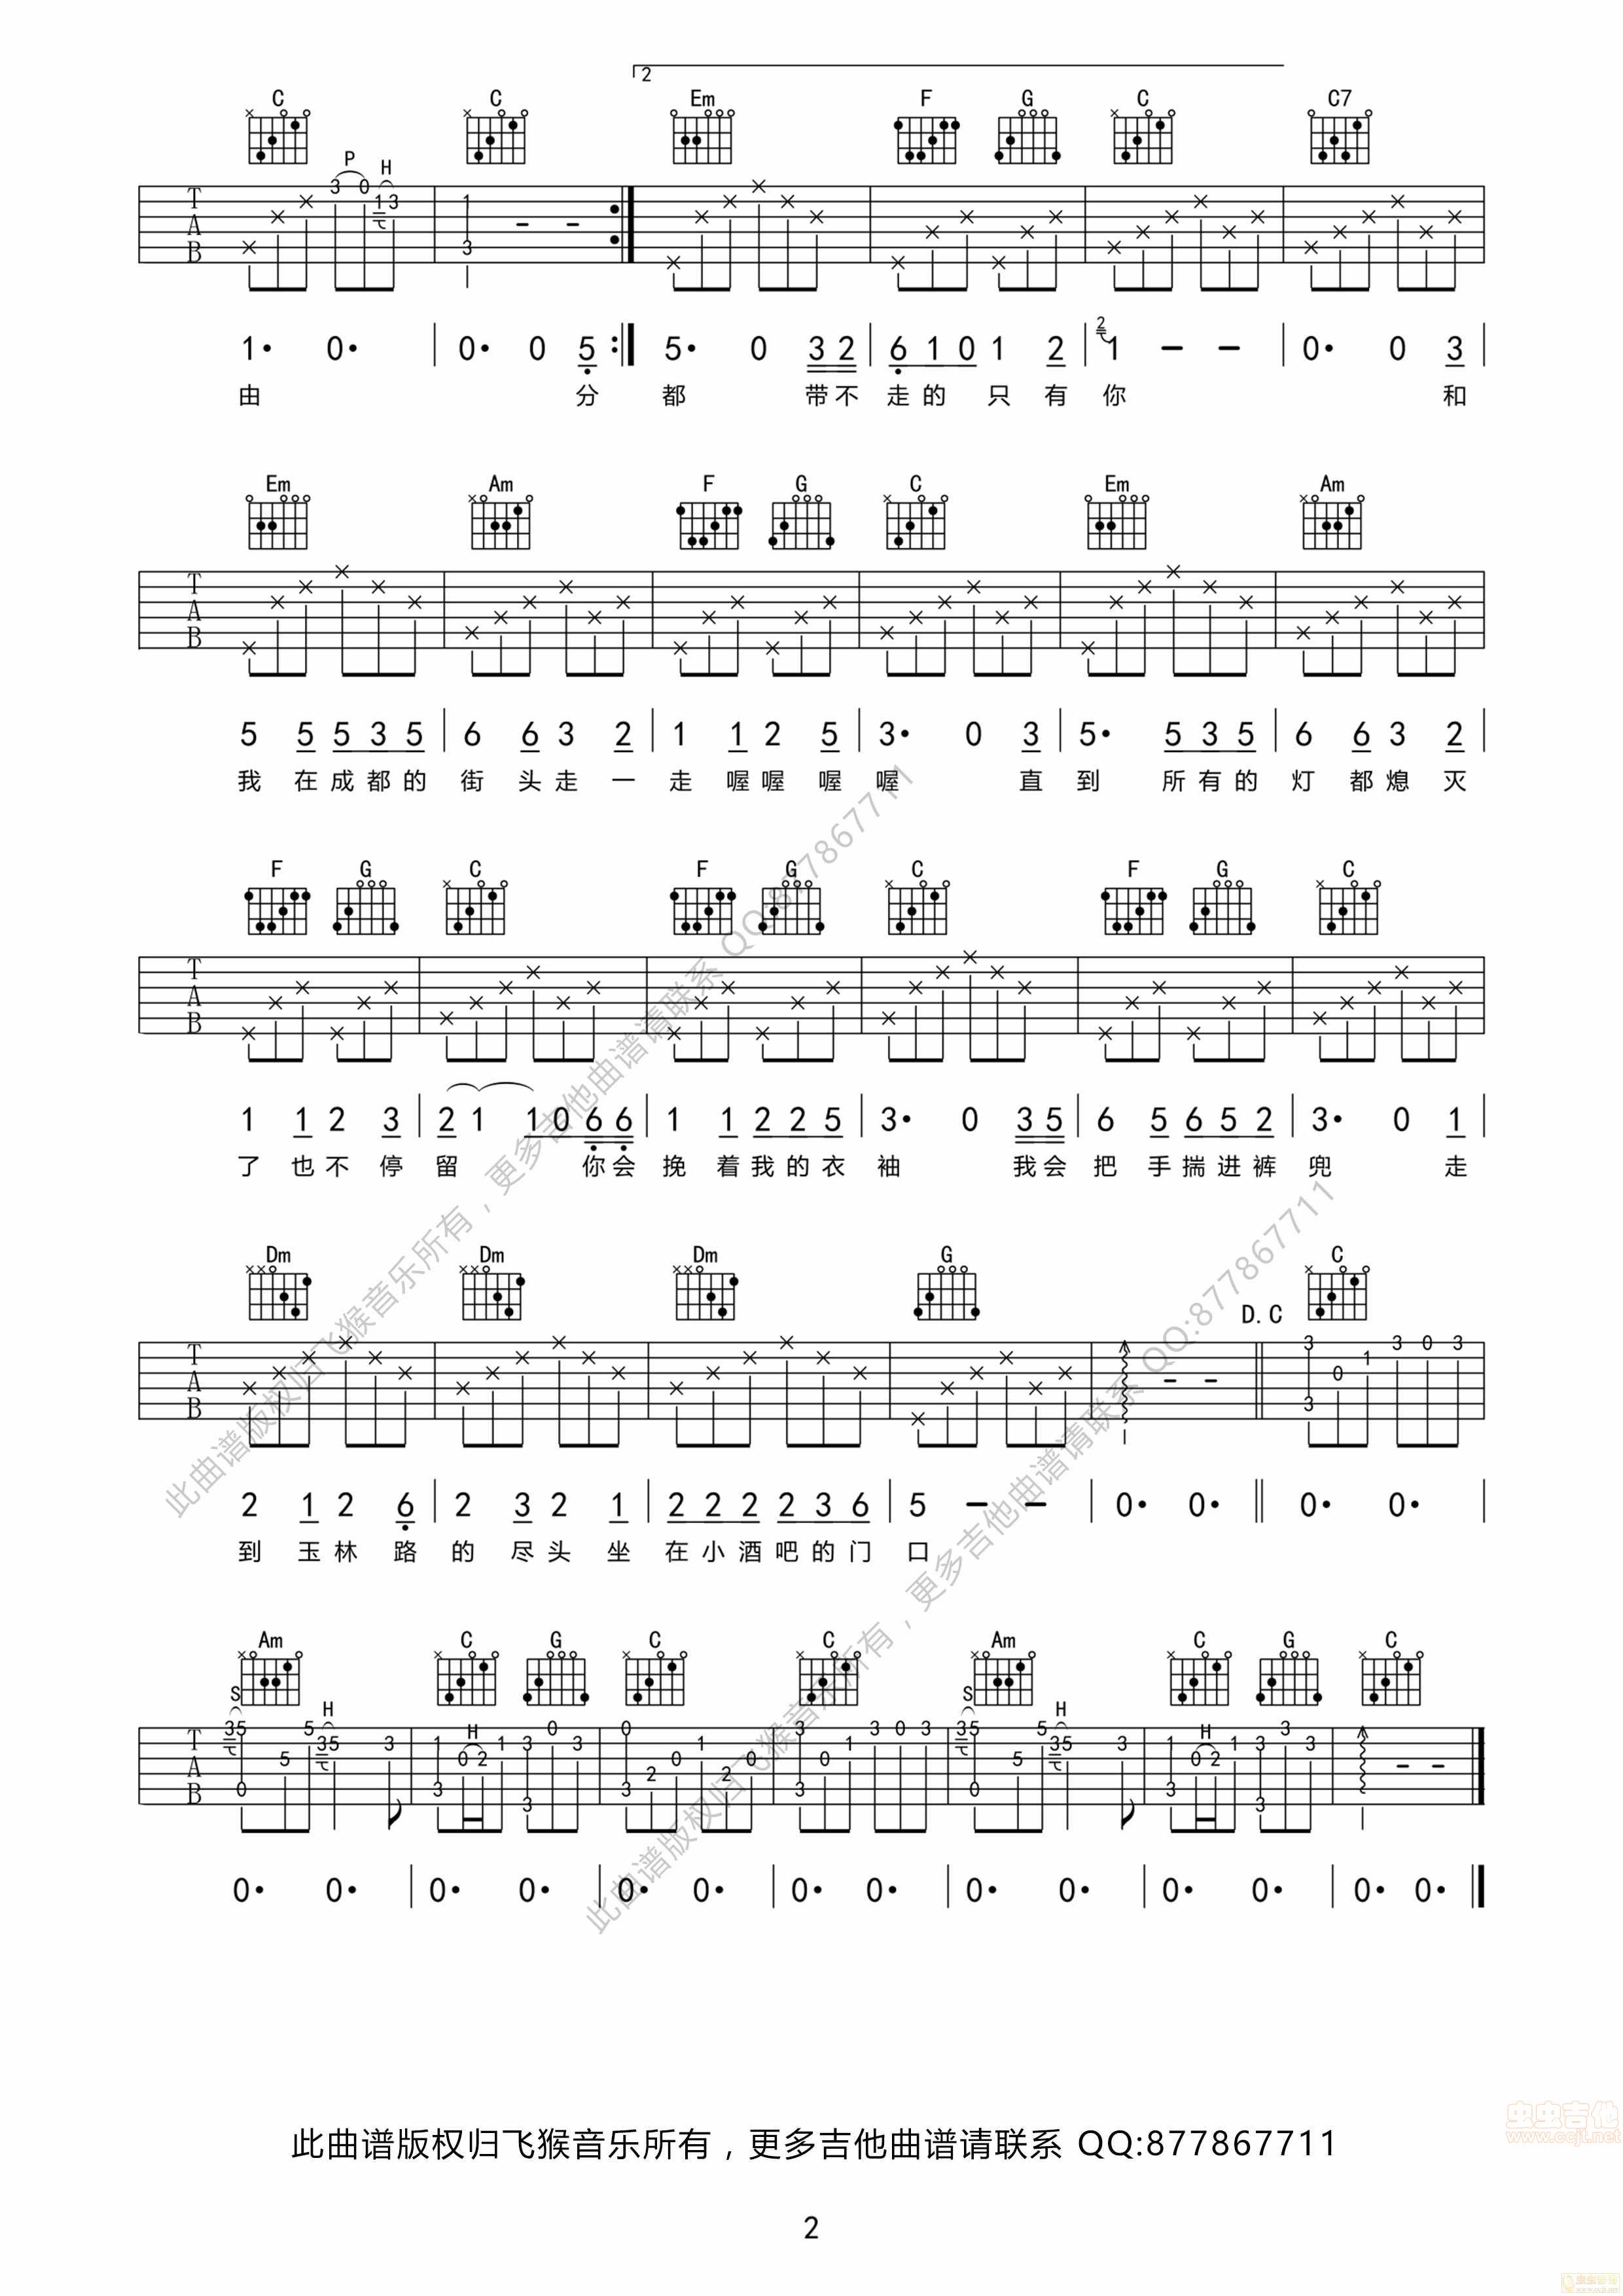 常静古筝落花飞曲谱-吉他谱 吉他弹唱 虫虫吉他谱 乐器